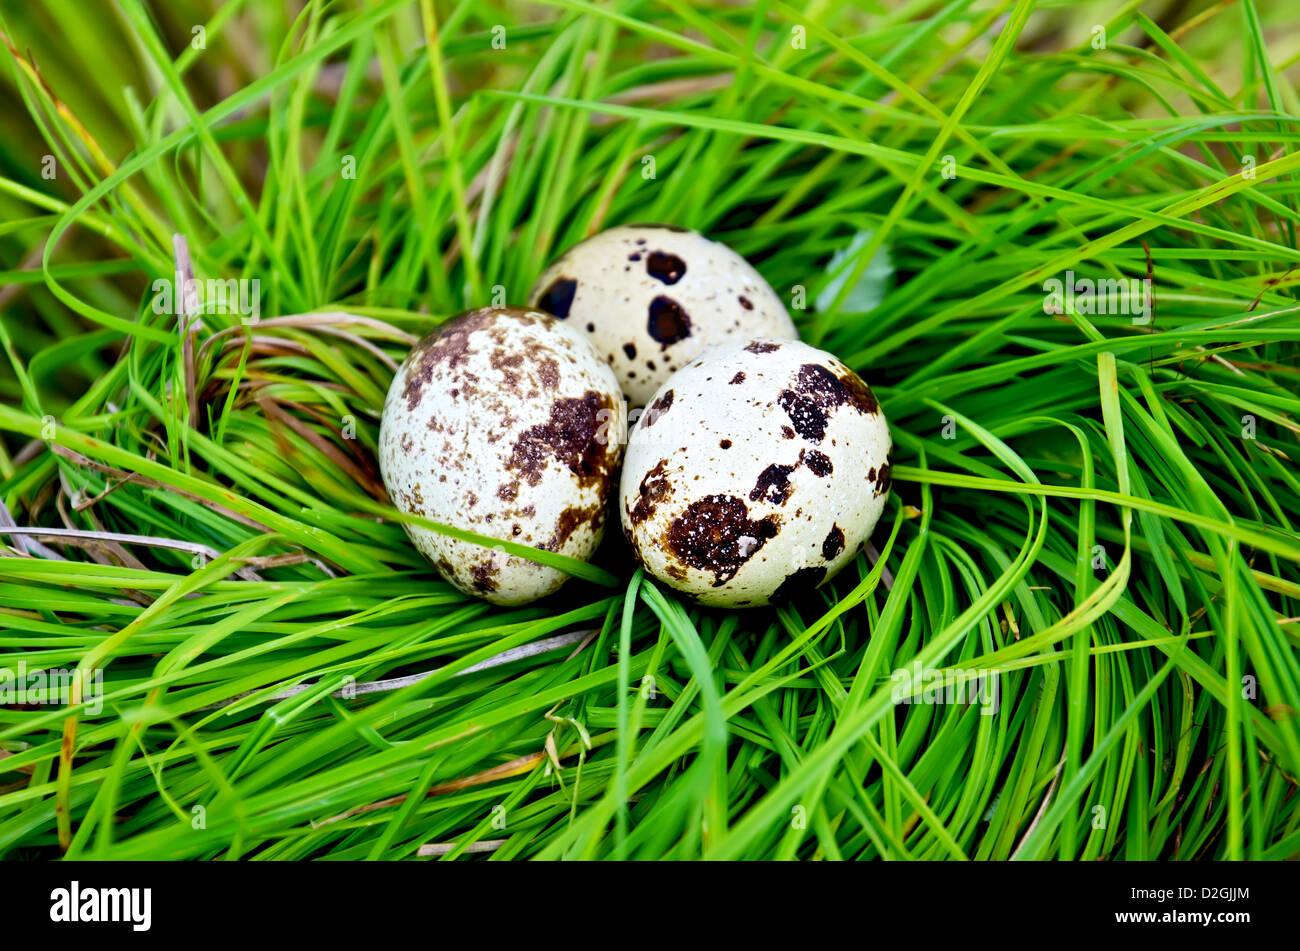 Repéré trois oeufs de cailles dans un nid d'herbe verte Banque D'Images